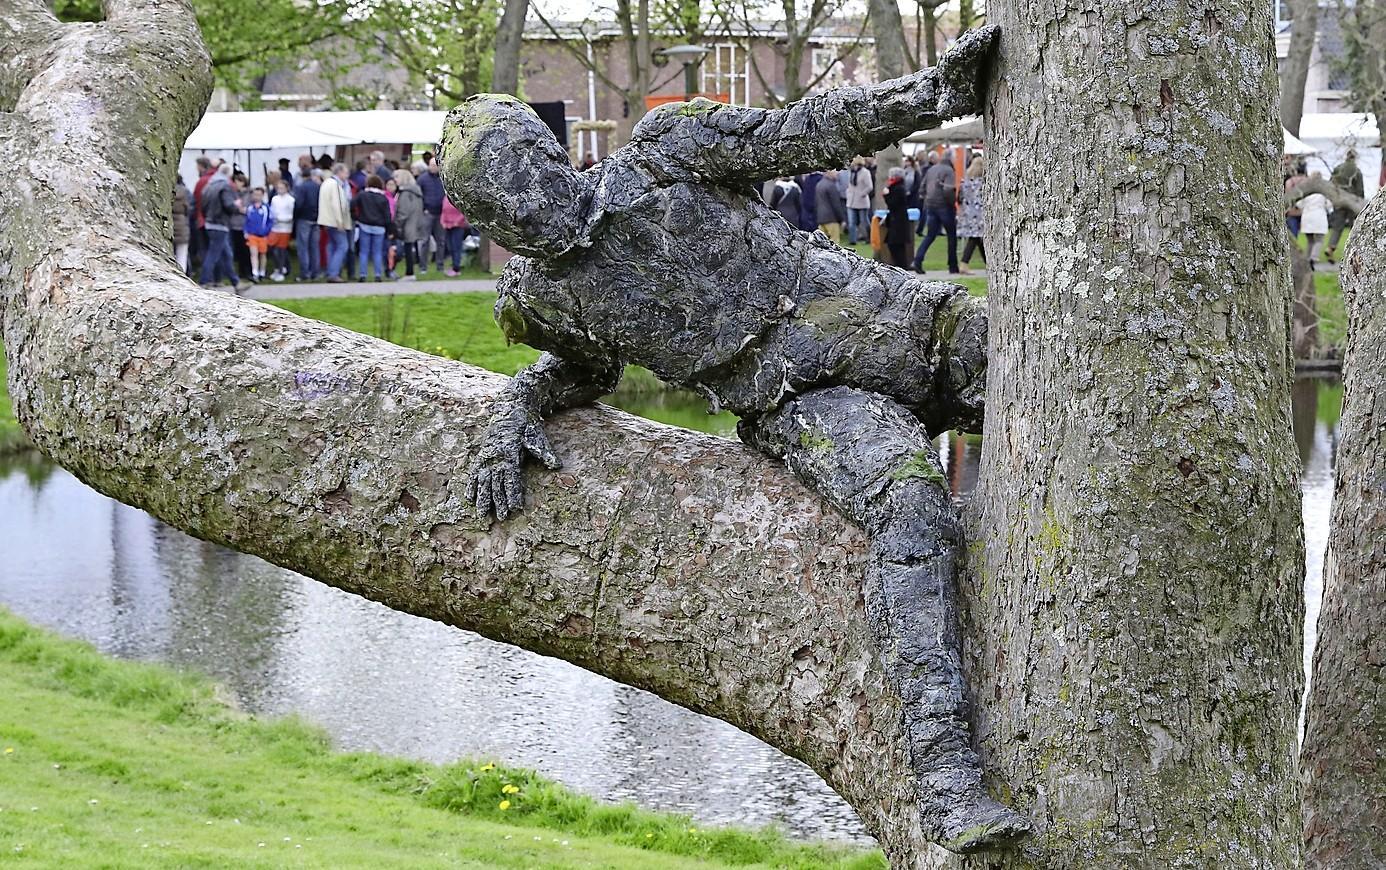 Alphense culturele evenementen Parkkunst en 'Het wordt zomer' bij voorbaat afgelast